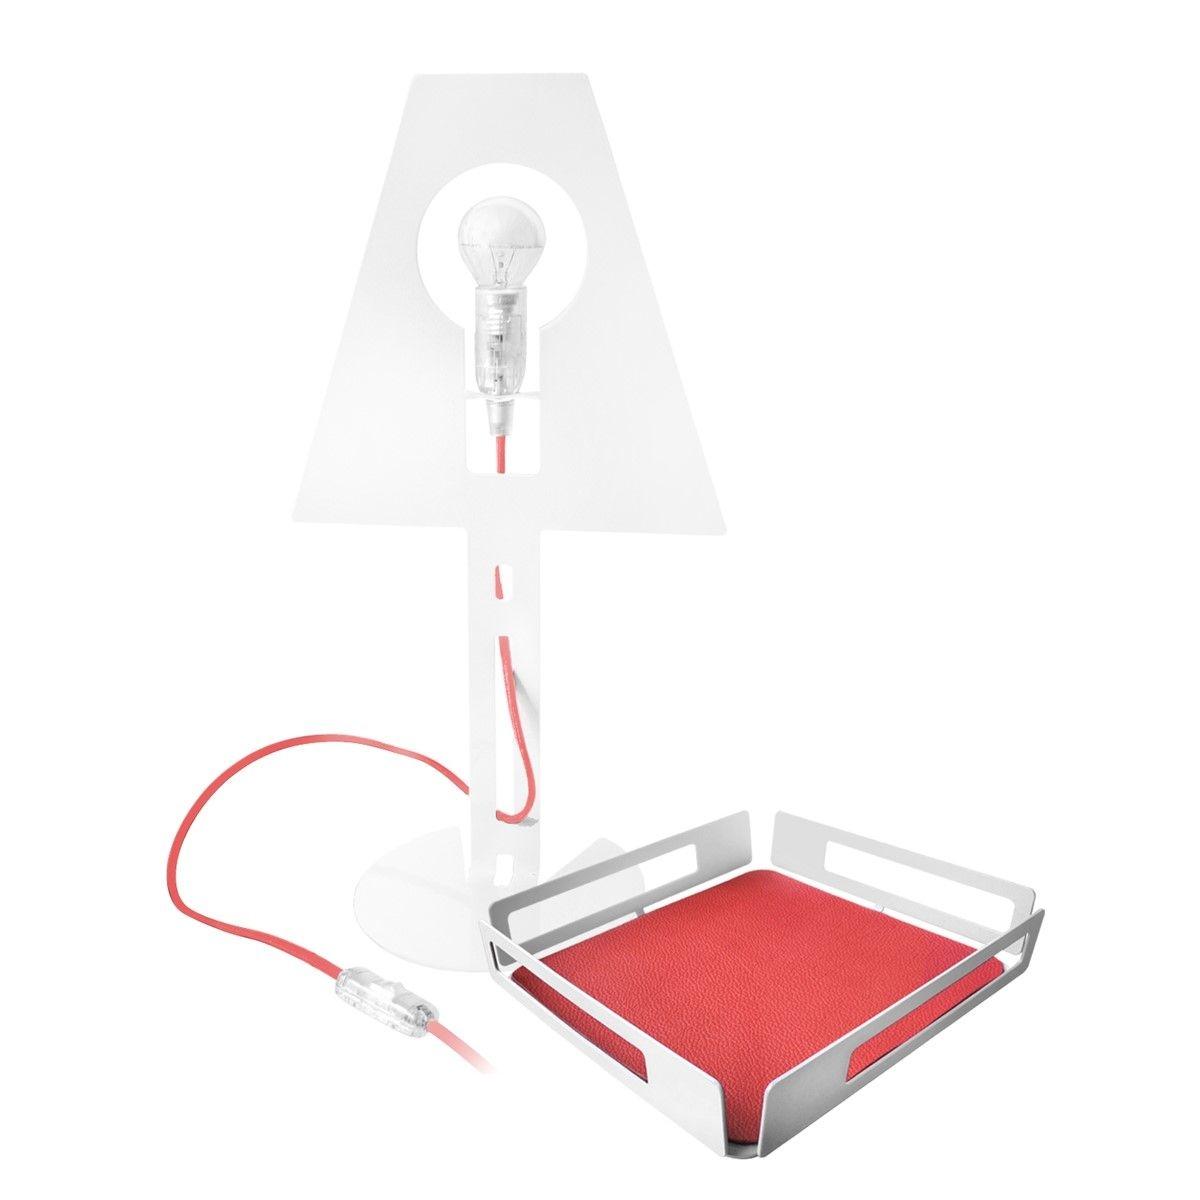 lampes de chevet les moins chers de notre comparateur de prix. Black Bedroom Furniture Sets. Home Design Ideas